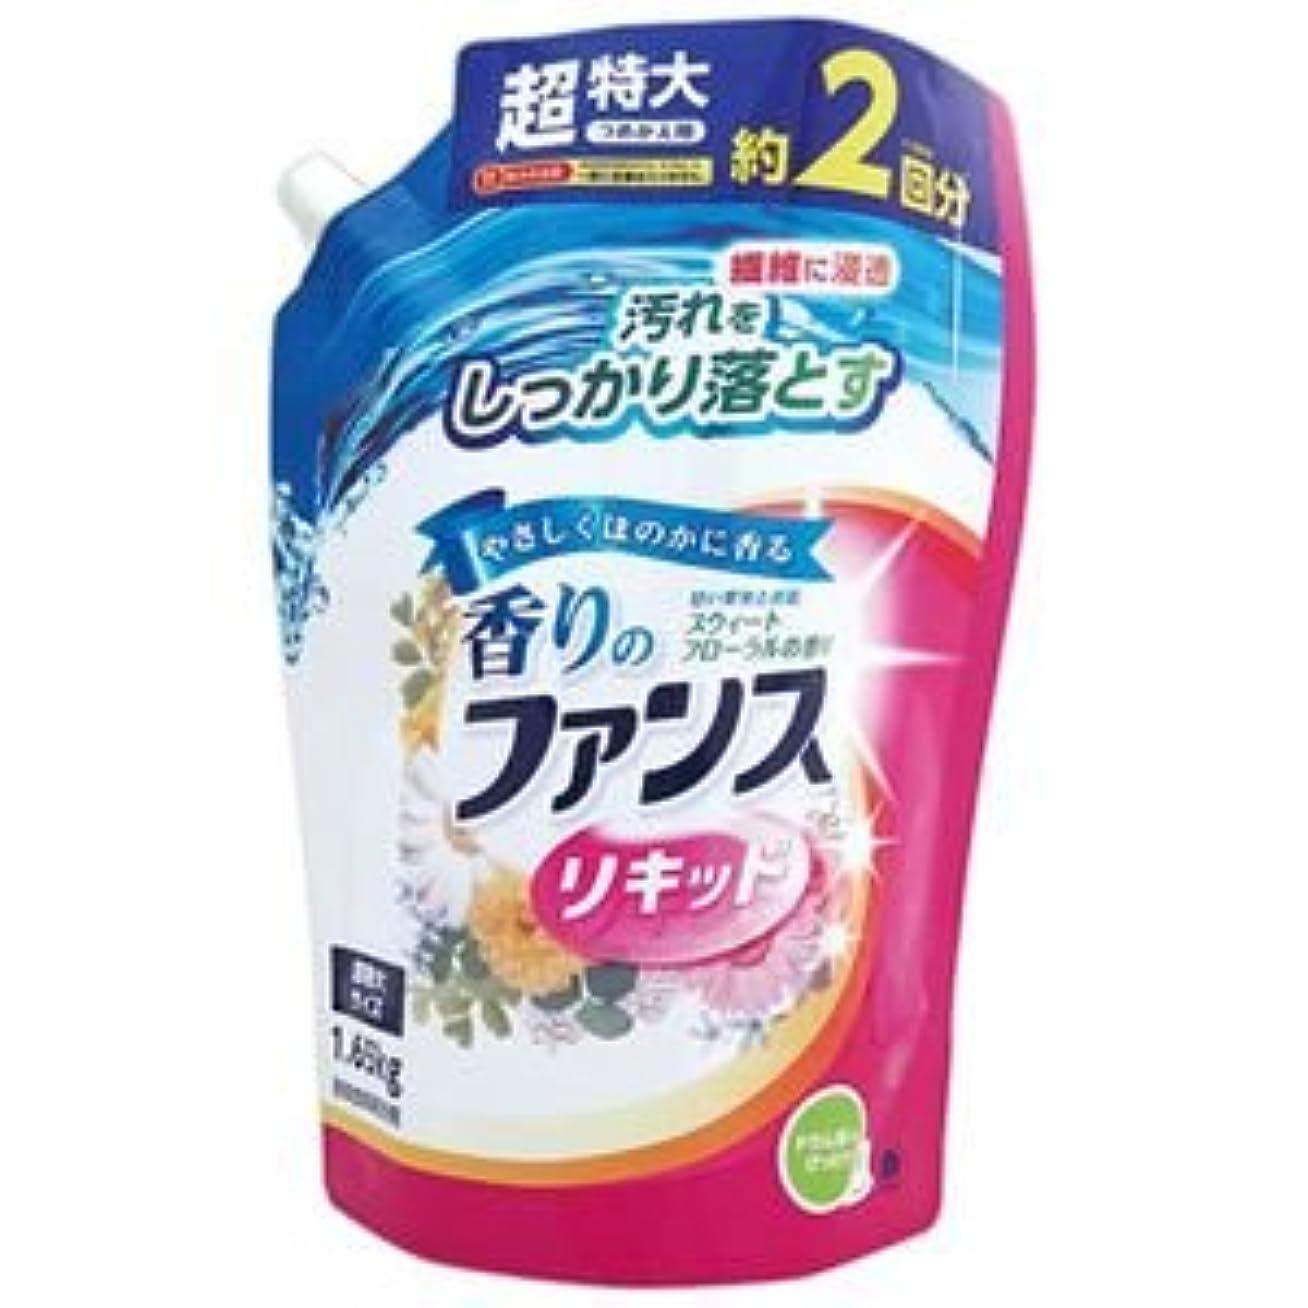 人形シフトドック(まとめ) 第一石鹸 香りのファンス 液体衣料用洗剤リキッド 詰替用 1.65kg 1セット(6個) 【×2セット】